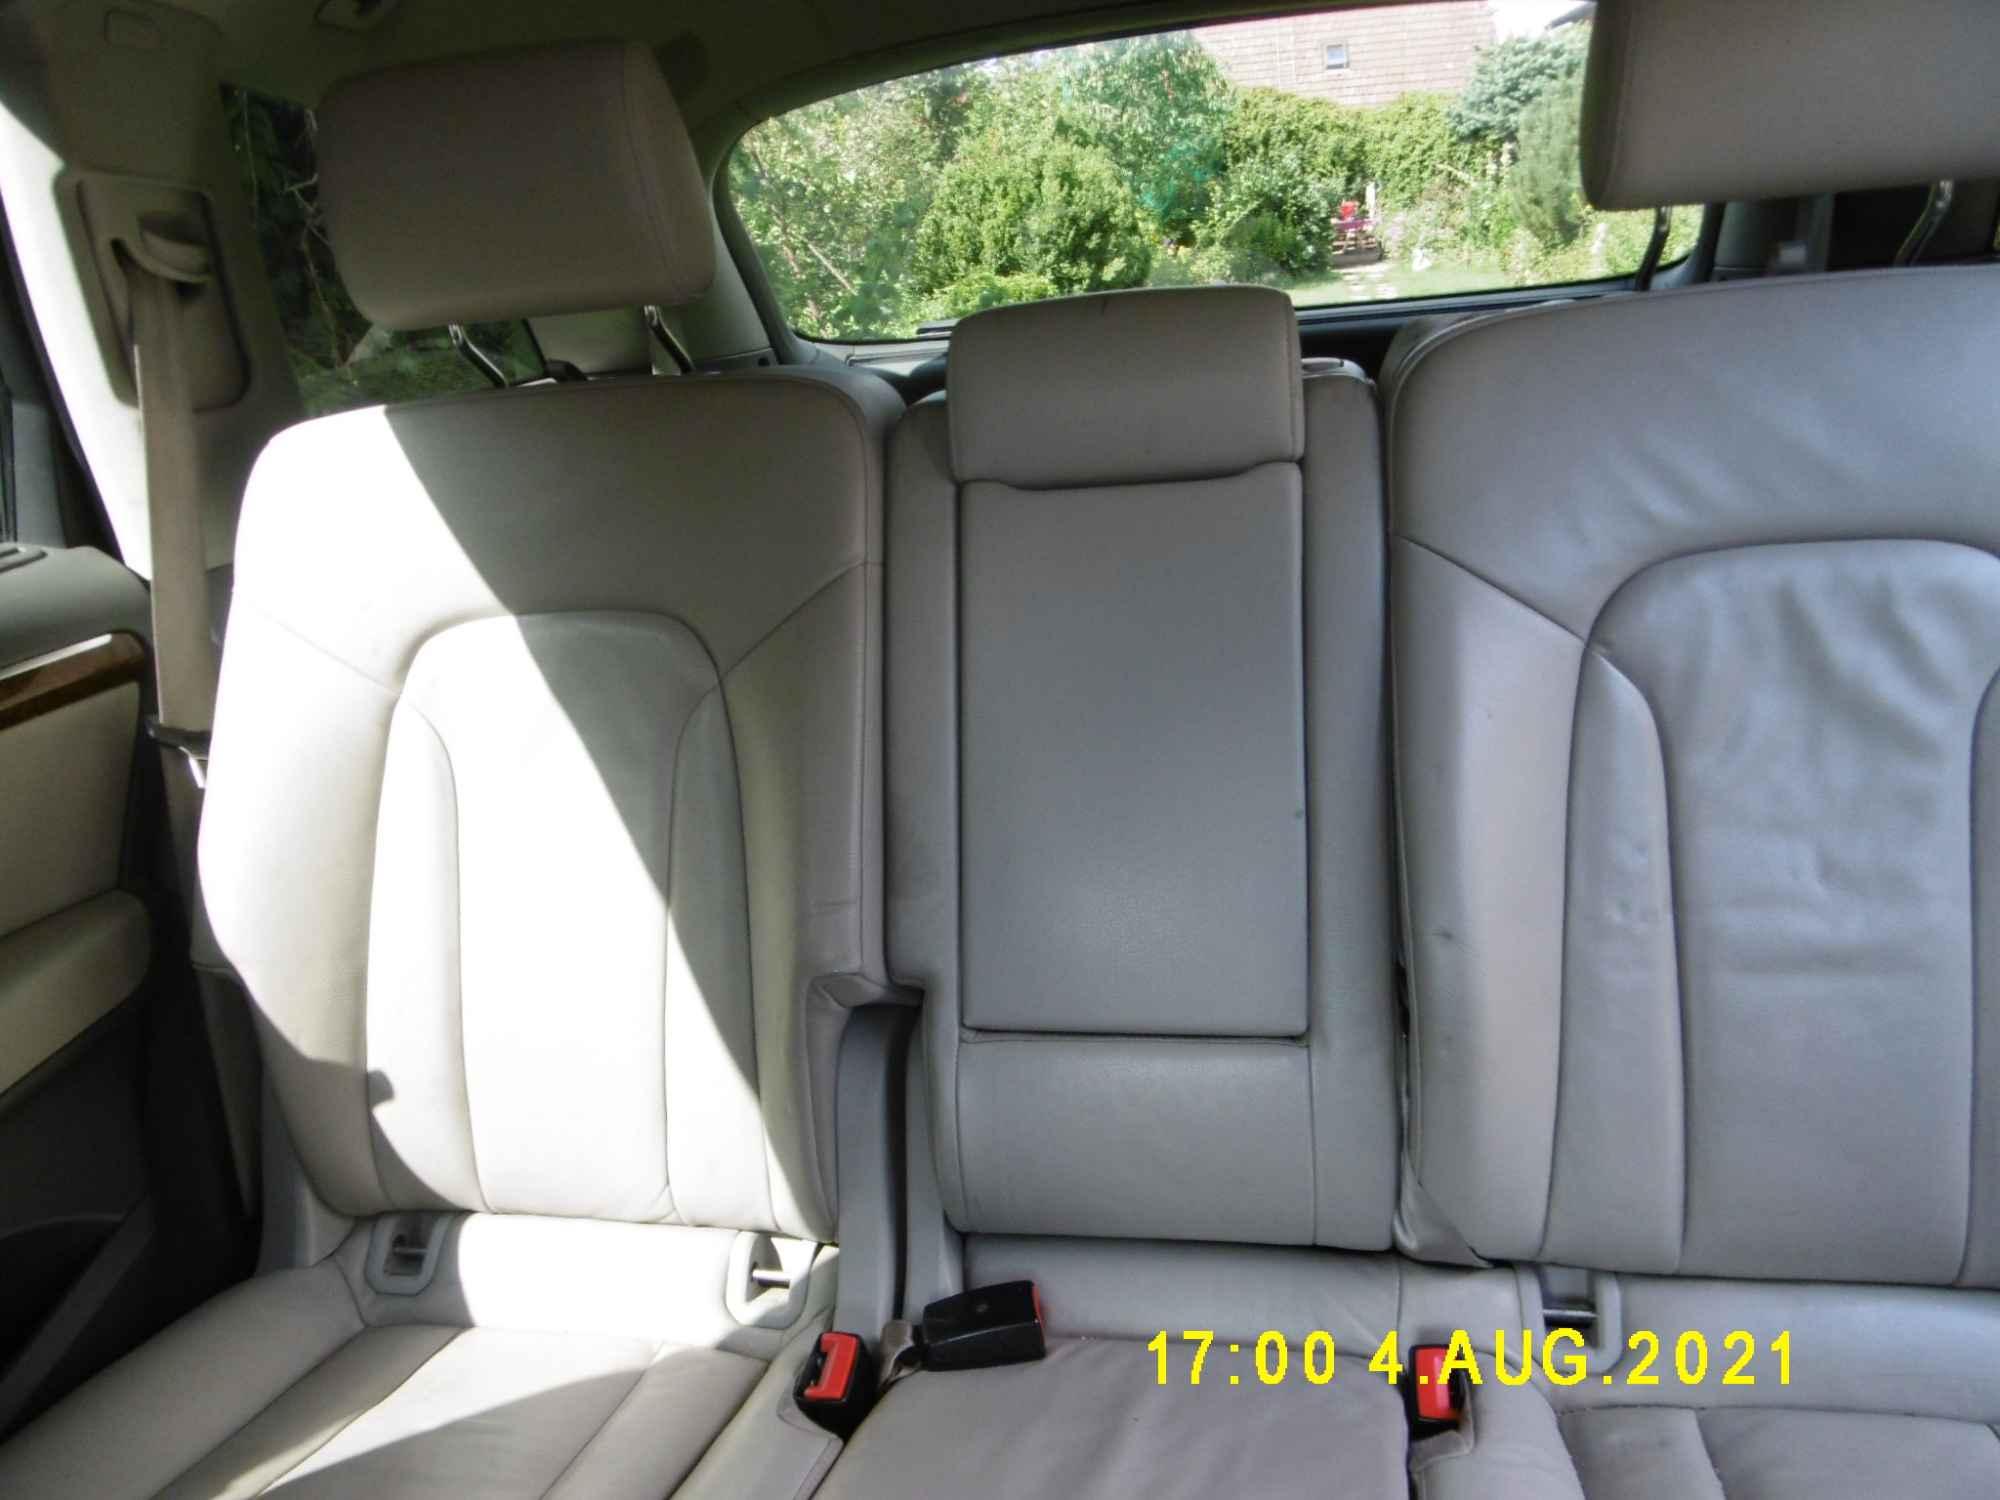 Sprzedam samochód osobowy AUDI Q 7  4,2  FSI QATTRO , model Q7 05-09 Słupsk - zdjęcie 2